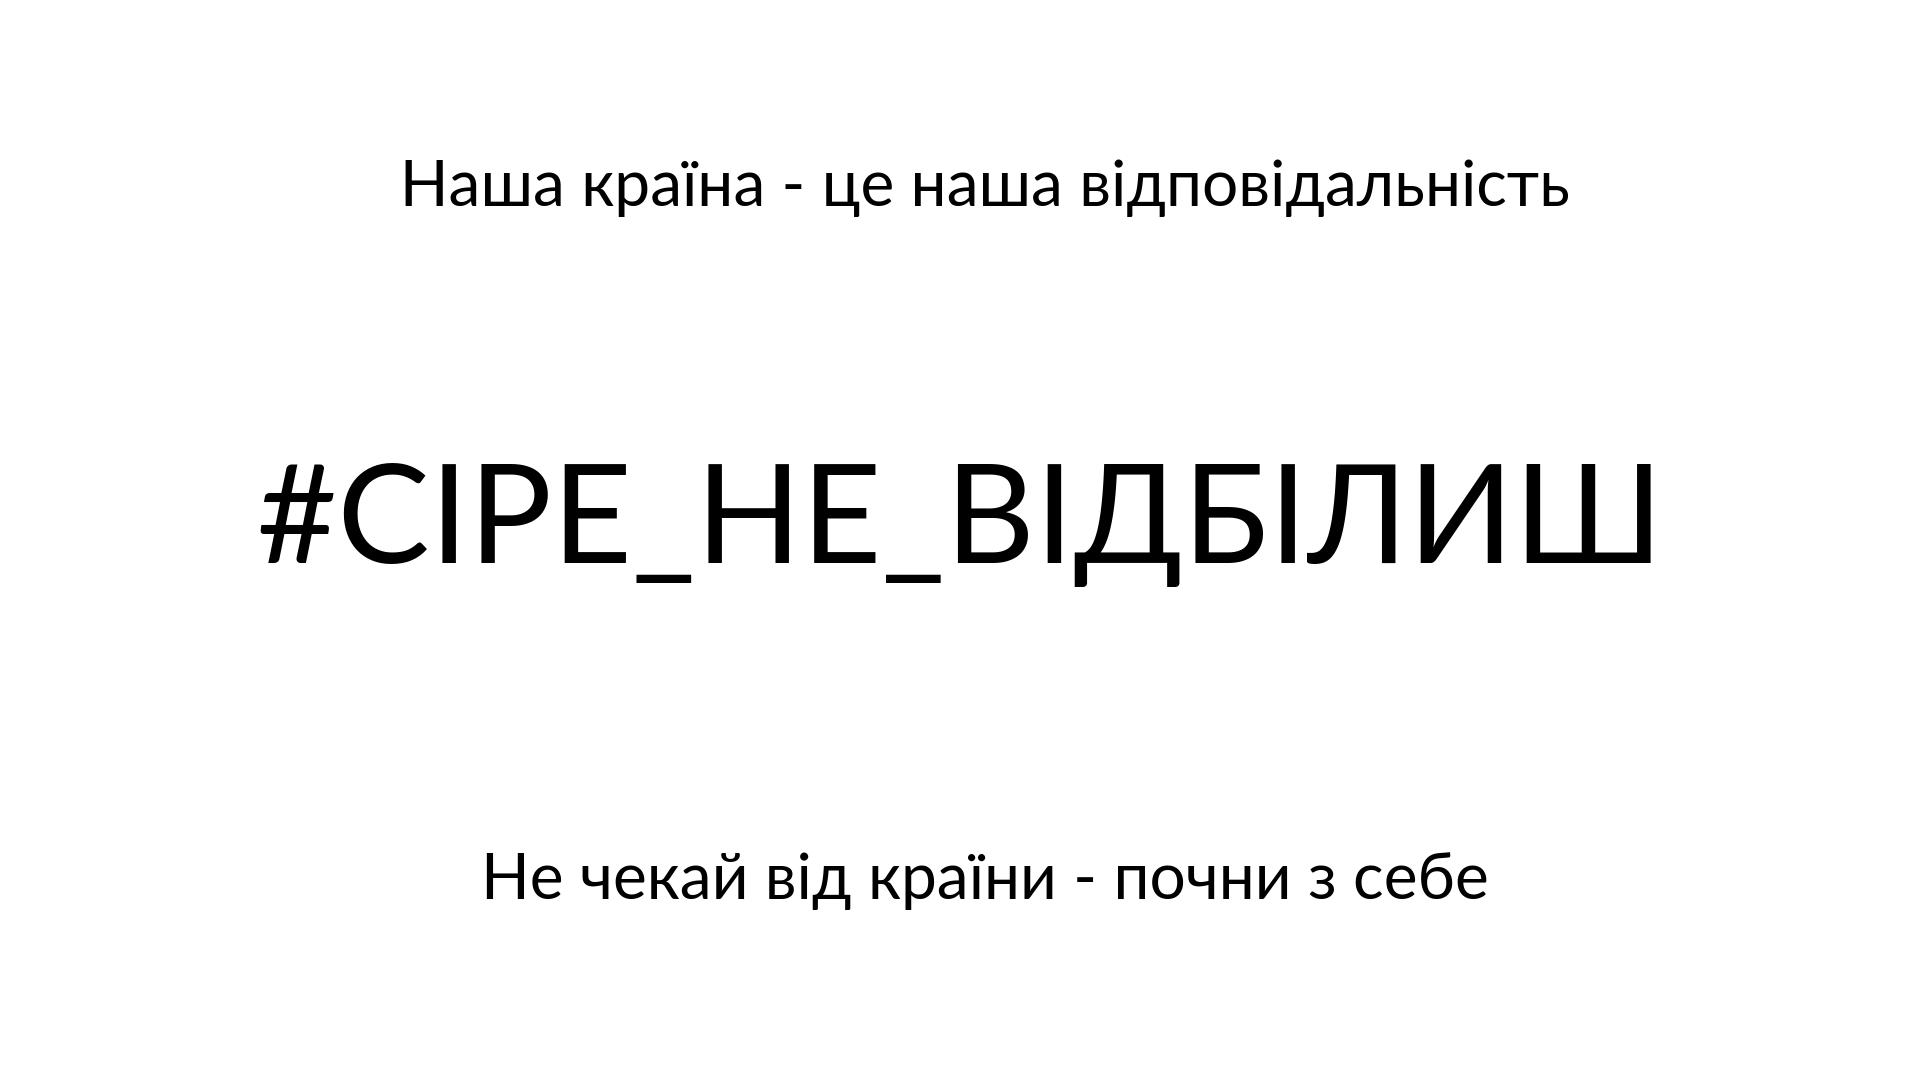 #СІРЕ_НЕ_ВІДБІЛИШ_слайд